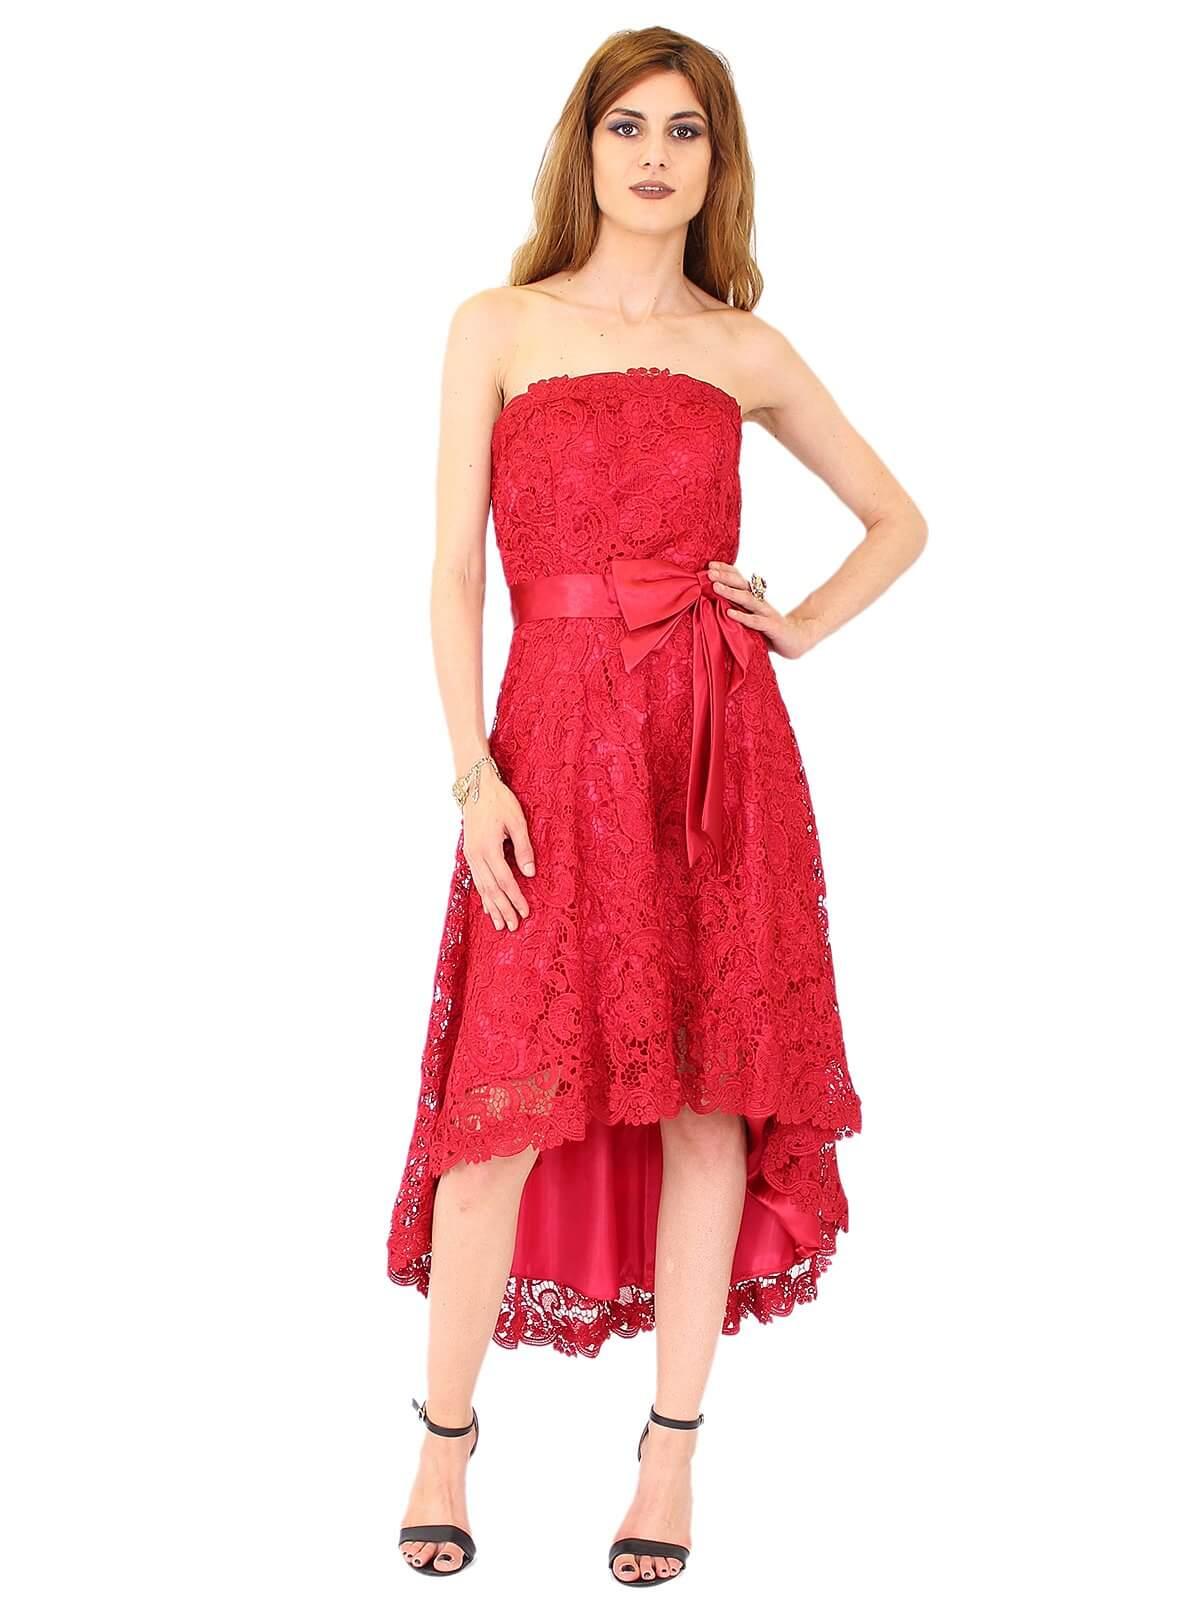 Juju Christine Vokuhulia-Kleid Cocktailkleid aus Spitze in Weinrot   R1381 3a48b4212a